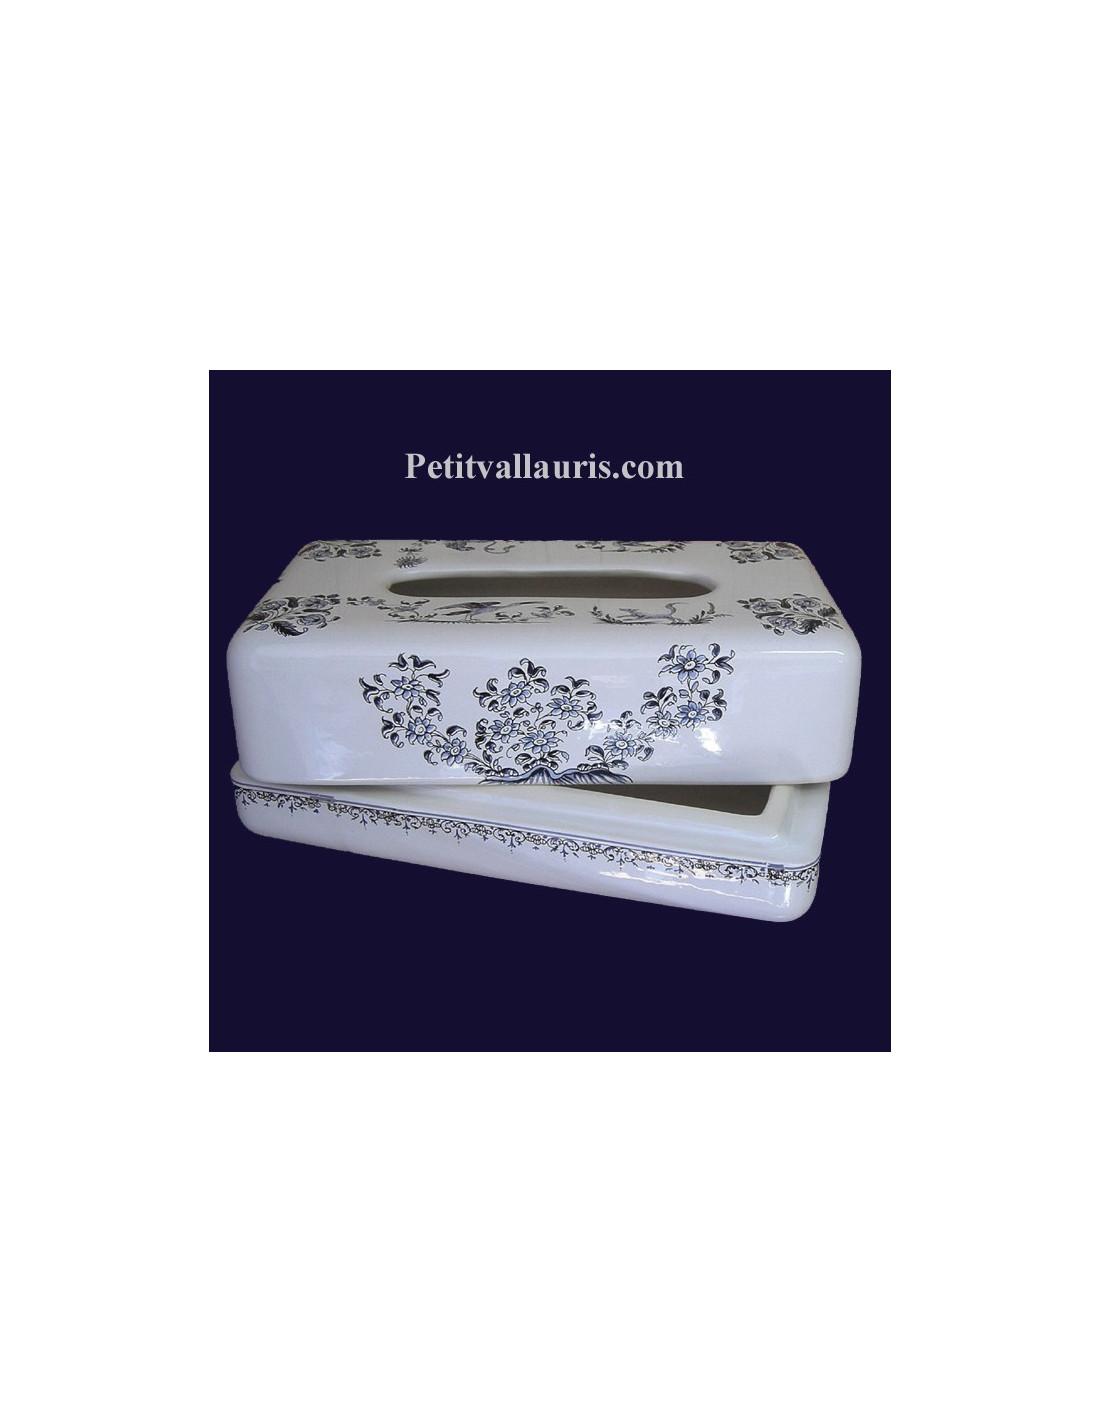 bo te mouchoirs papier d cor tradition vieux moustiers bleu le petit vallauris. Black Bedroom Furniture Sets. Home Design Ideas